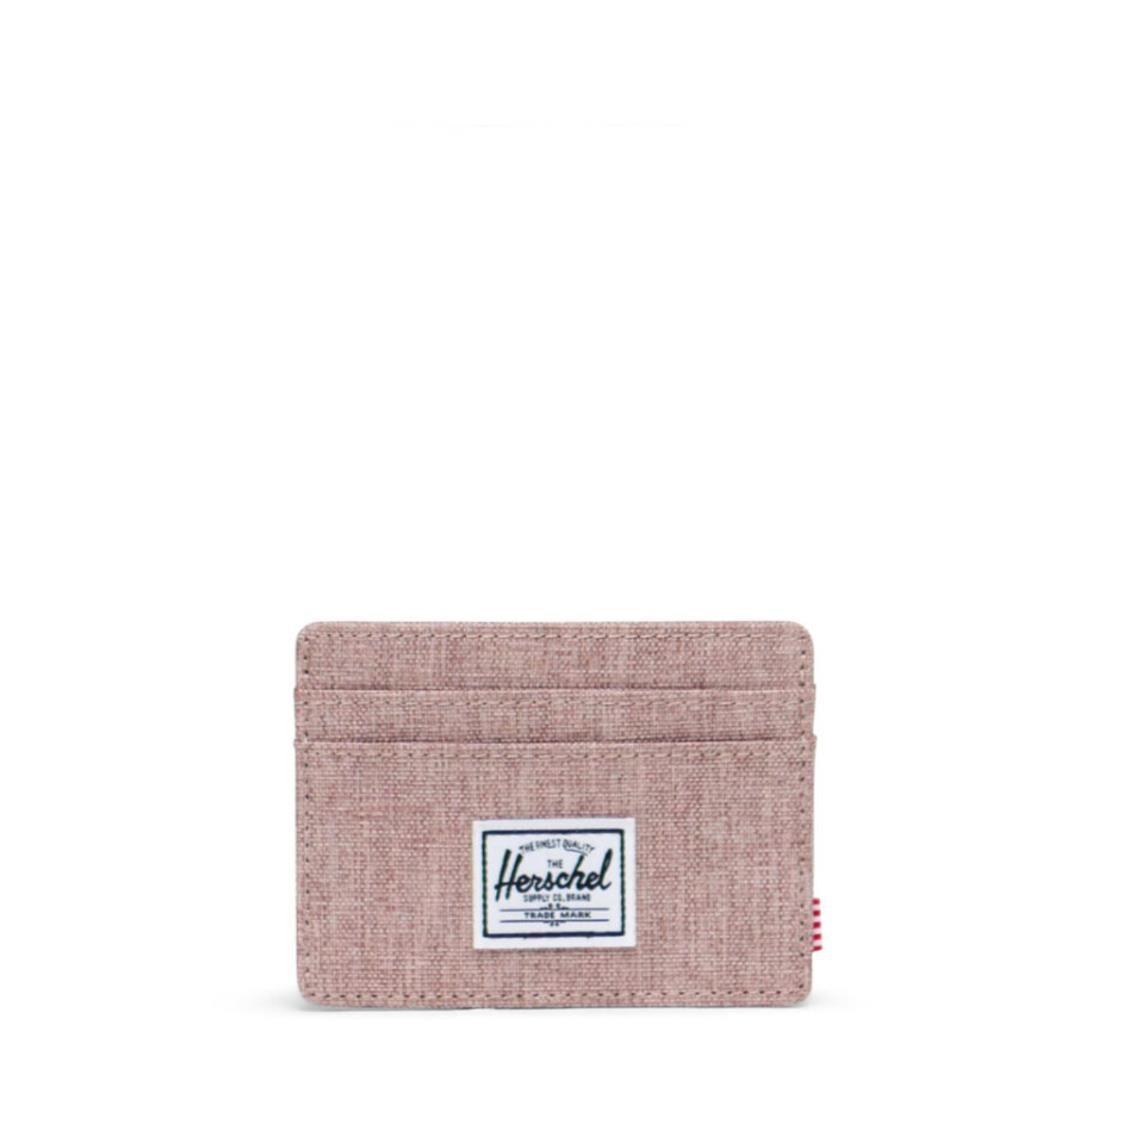 Herschel Charlie Ash Rose Crosshatch Card Holder 10360-04885-OS